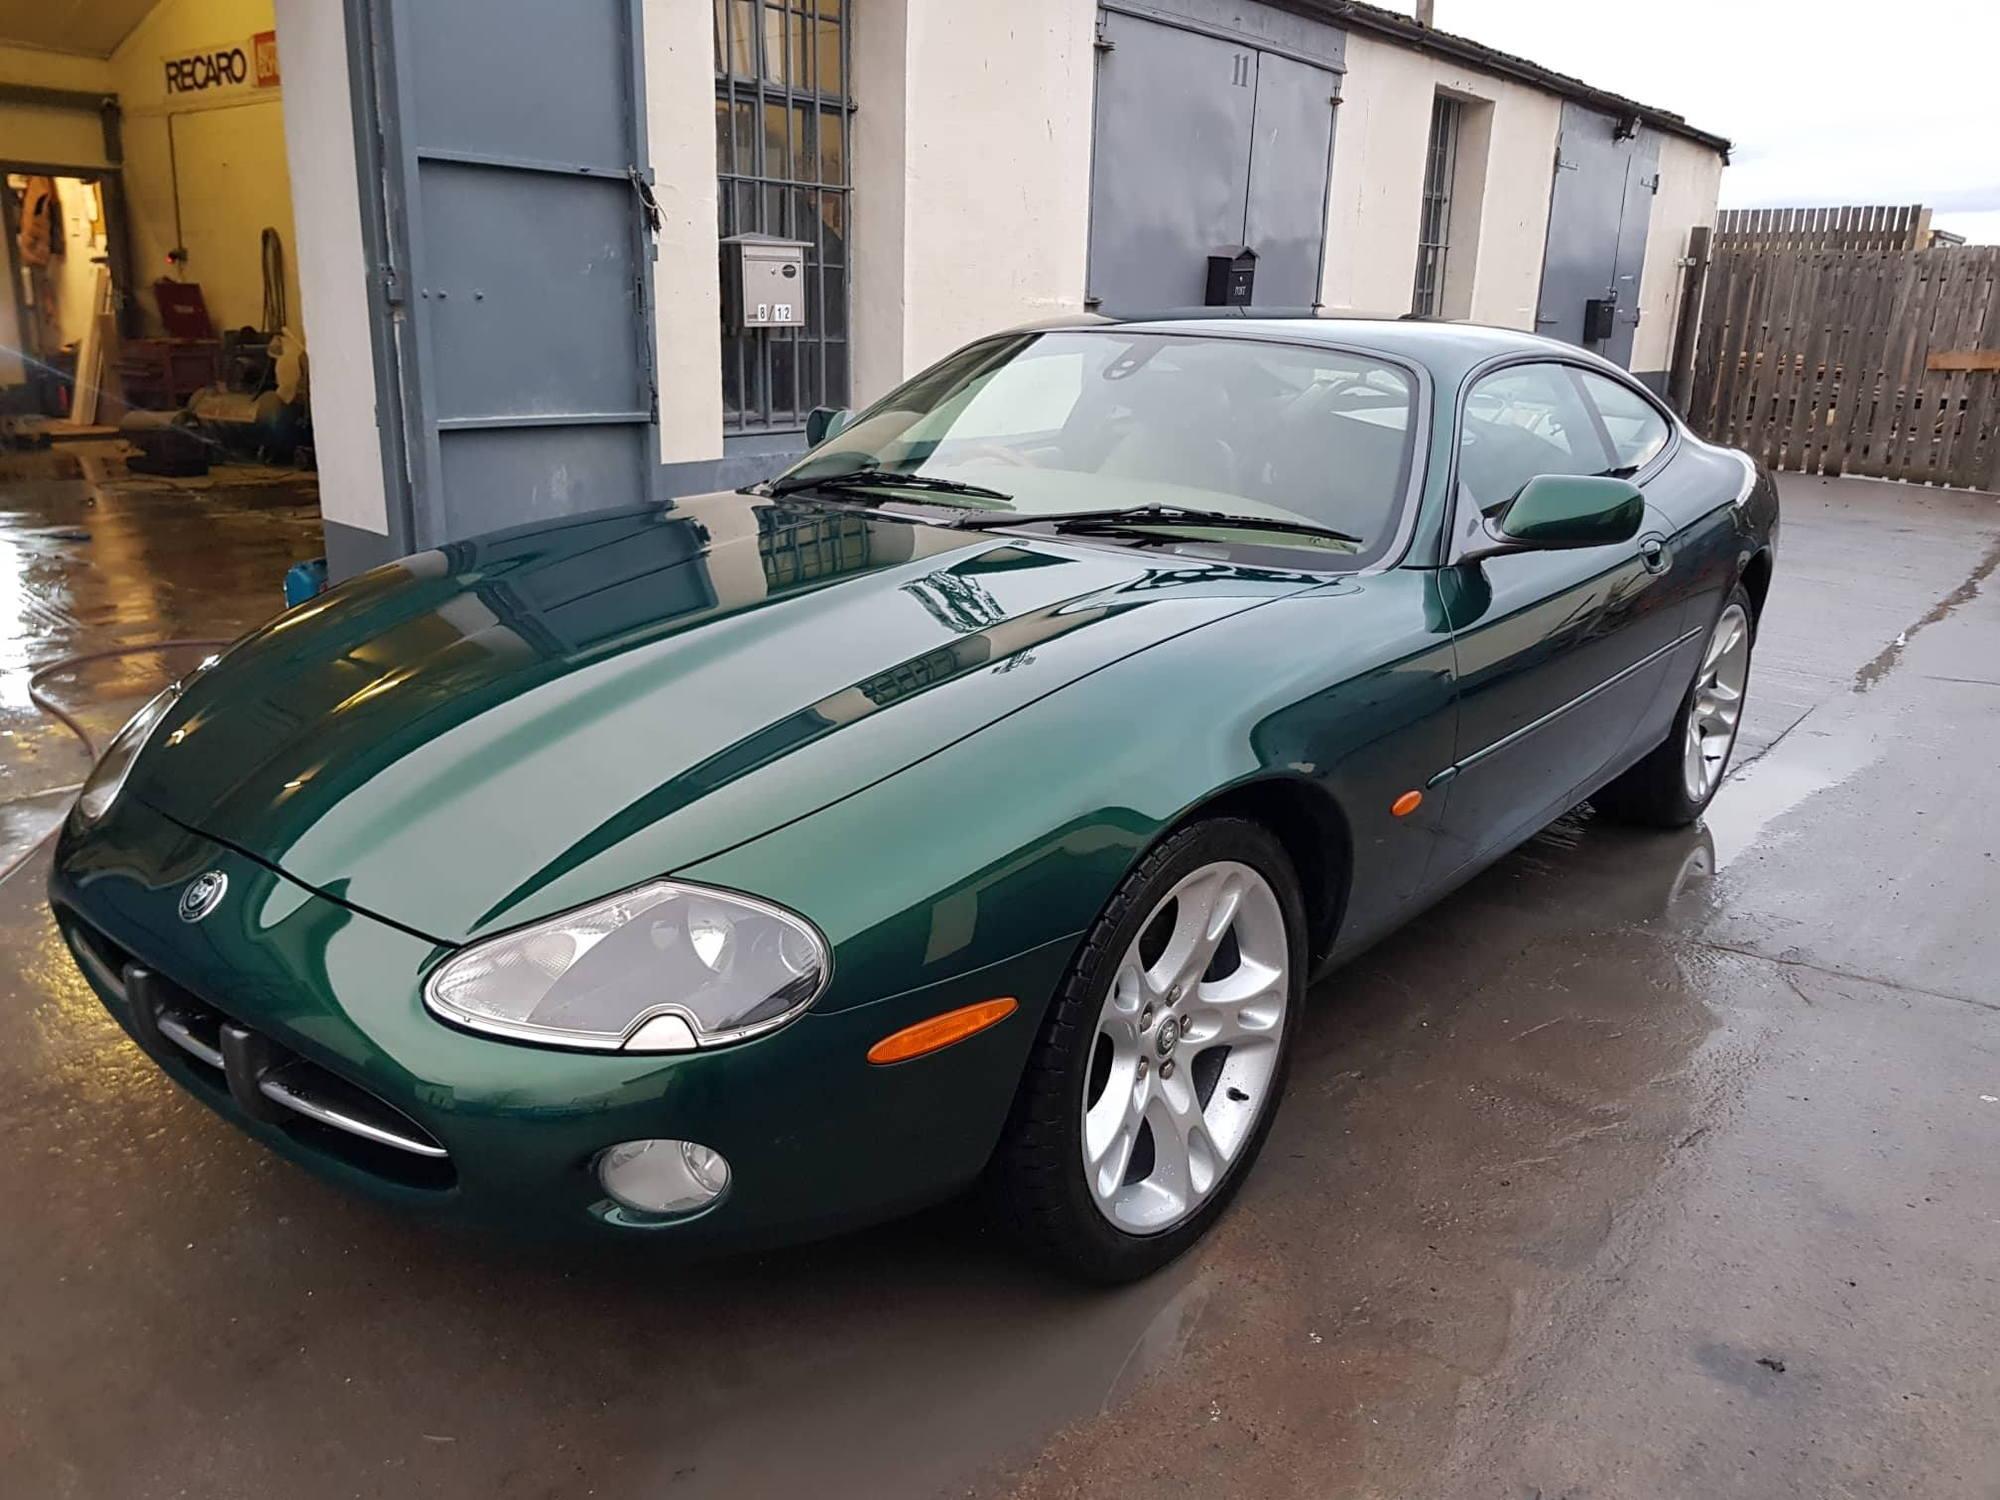 Jaguar XK8 4.2 2003 Coupe - Jaguar Racing Green ...